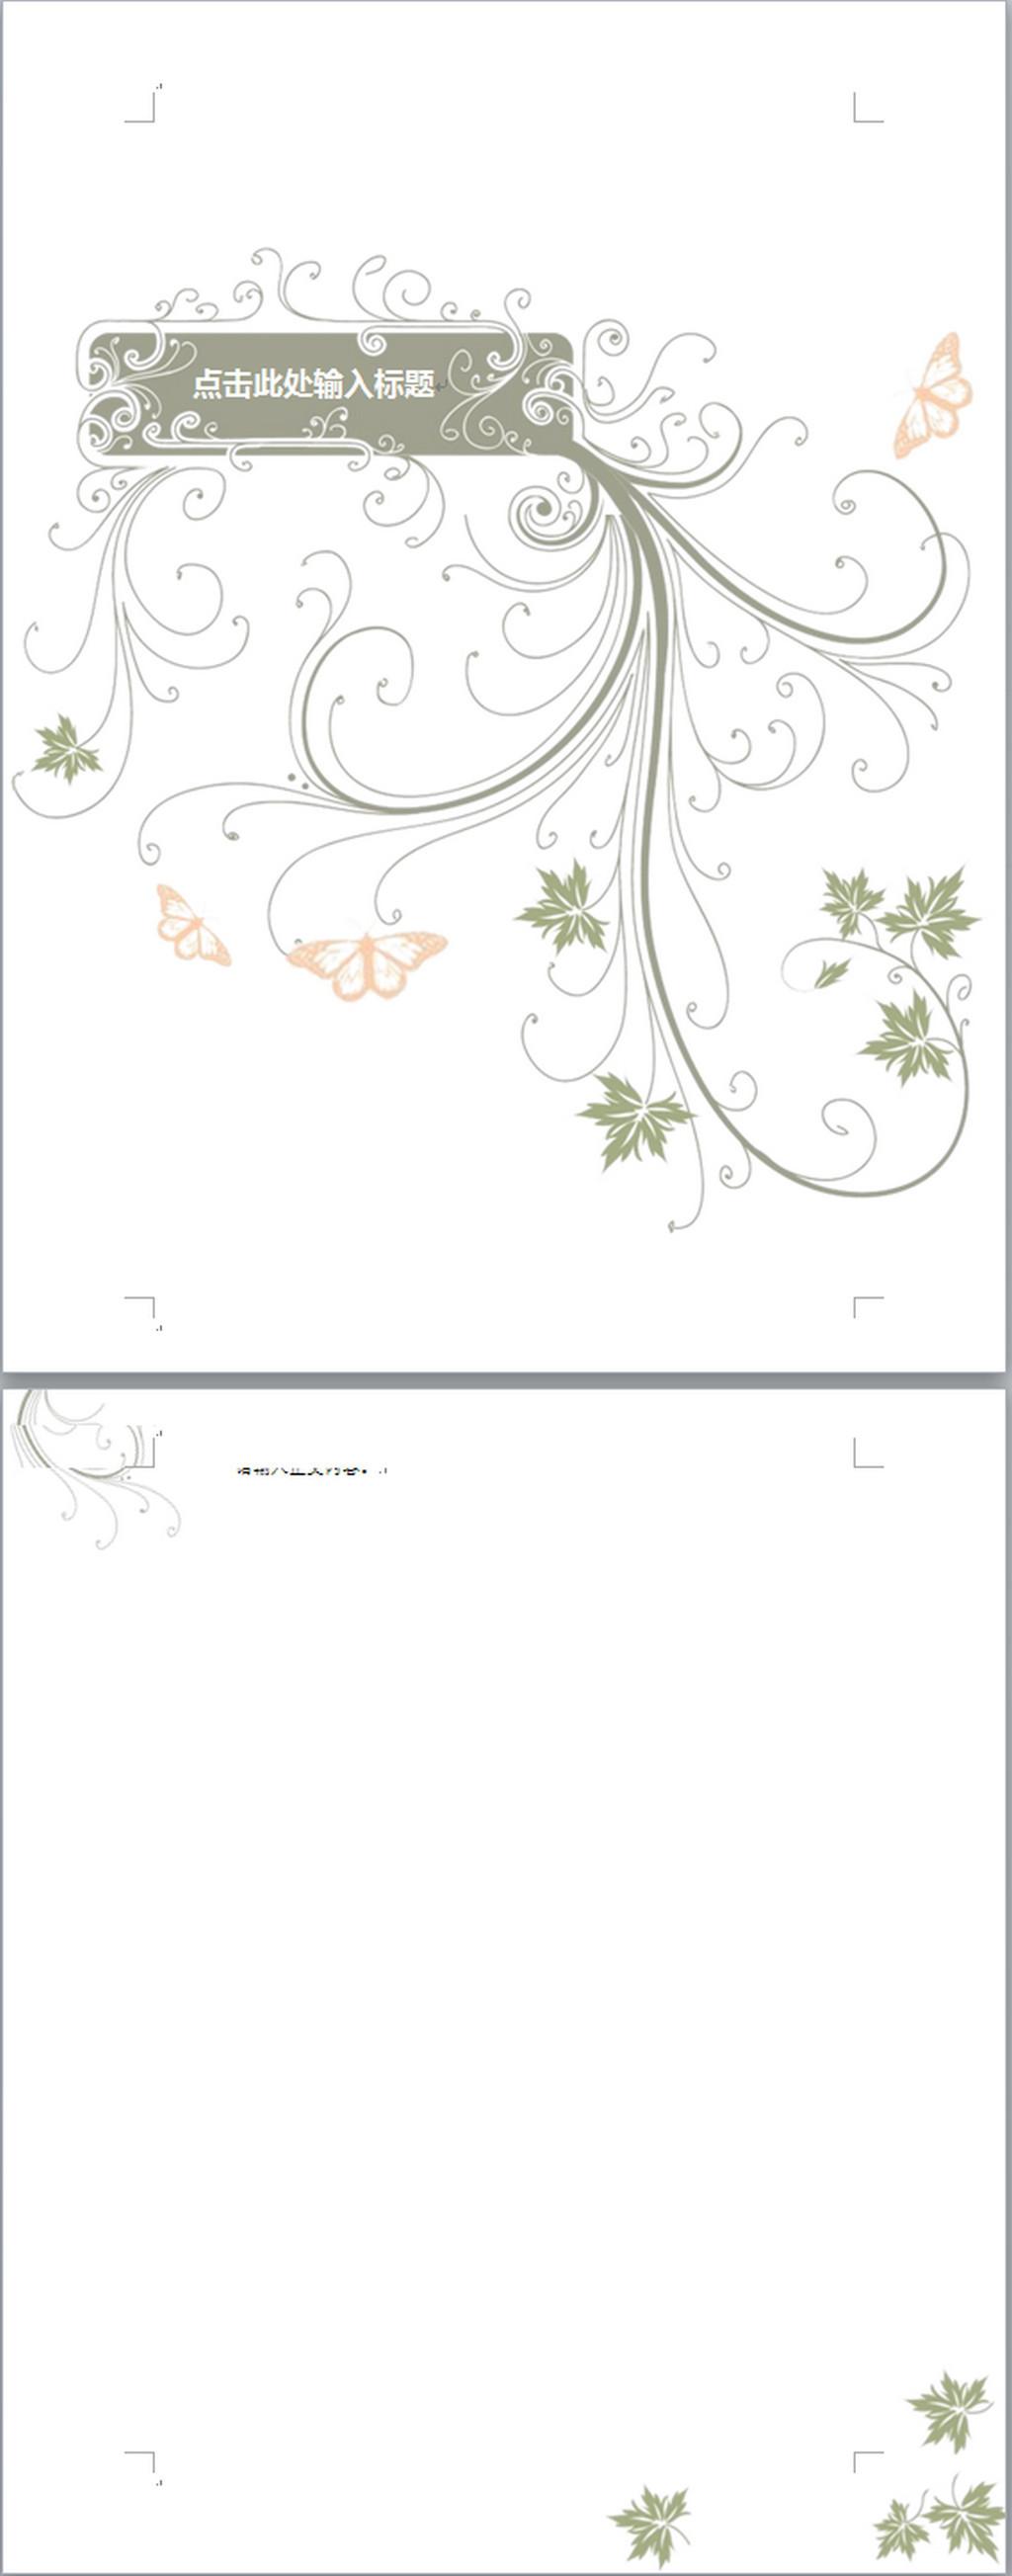 时尚欧式花纹图案信纸设计word模板下载